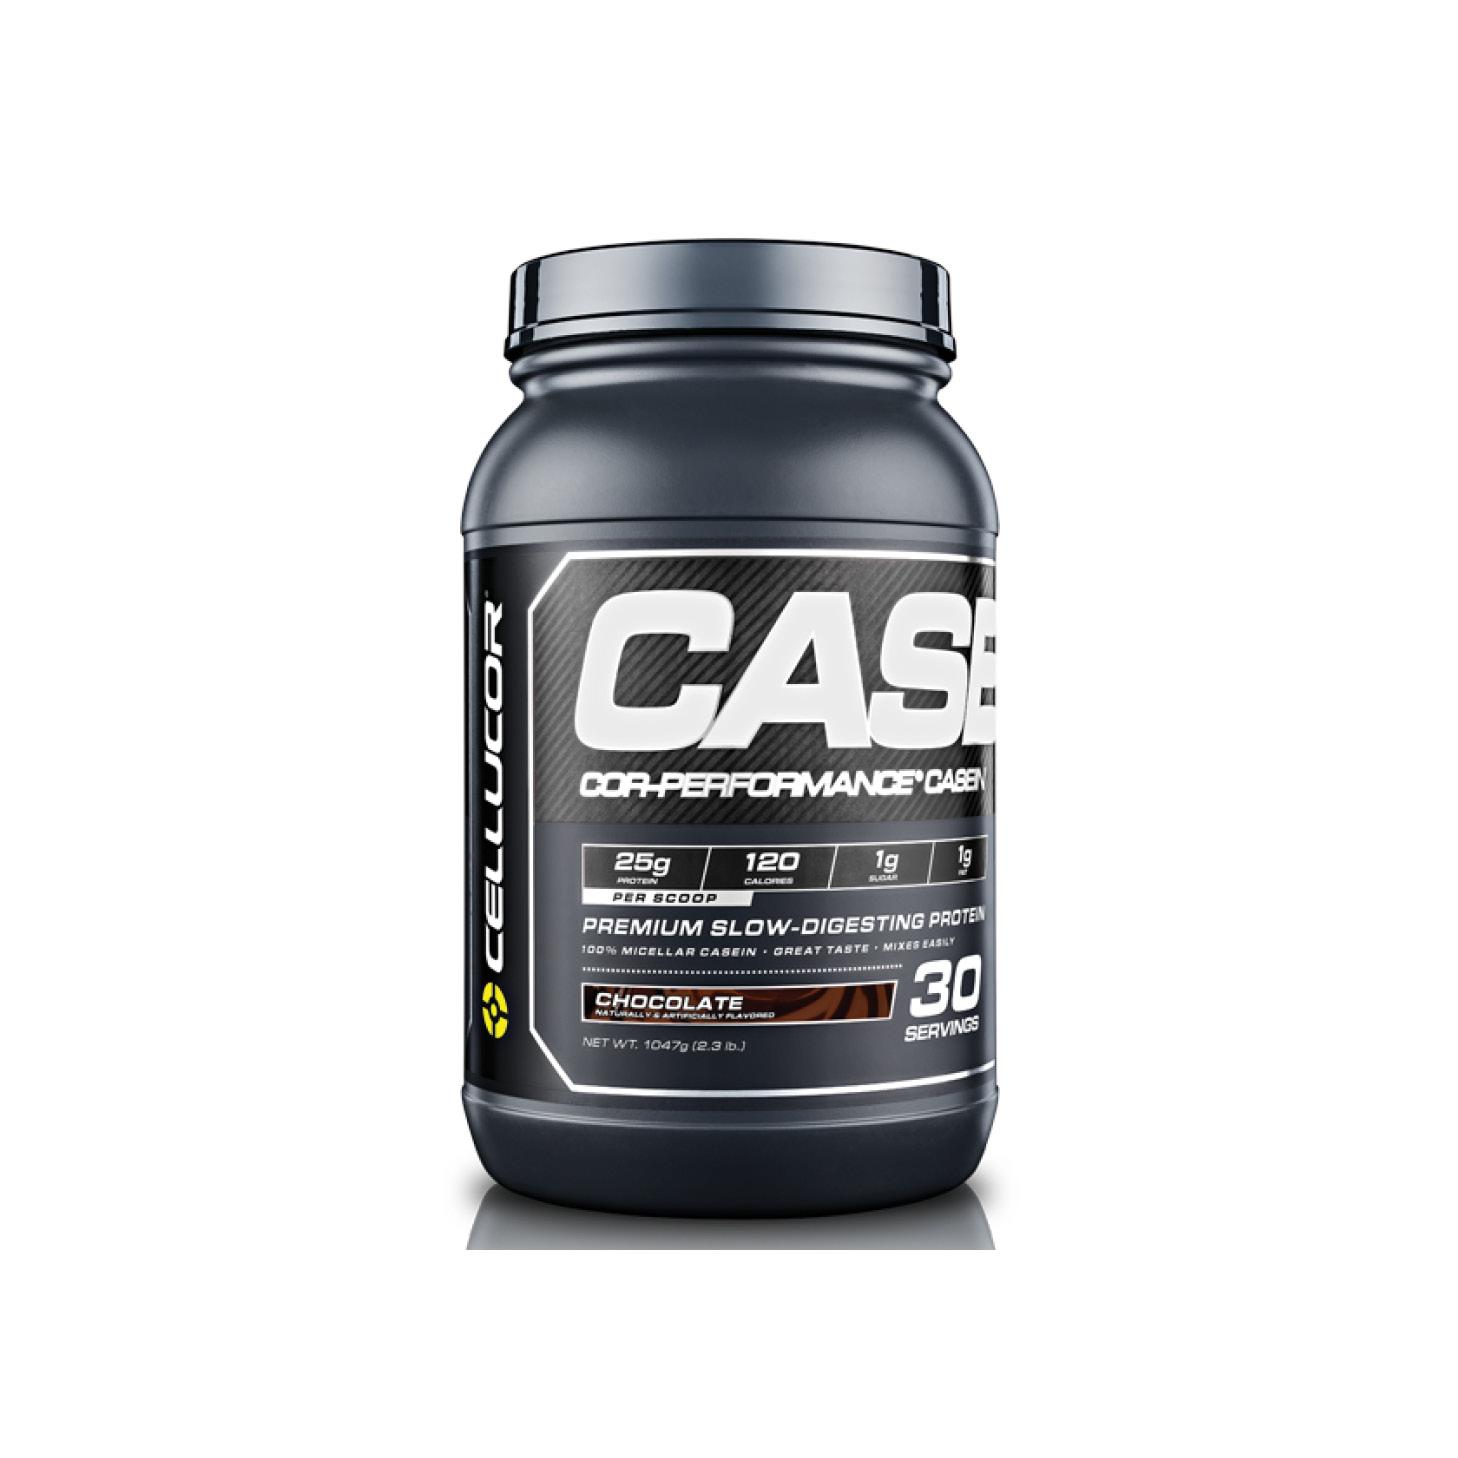 Cellucor Cor Performance Casein 30 Servings 1kg 23lb